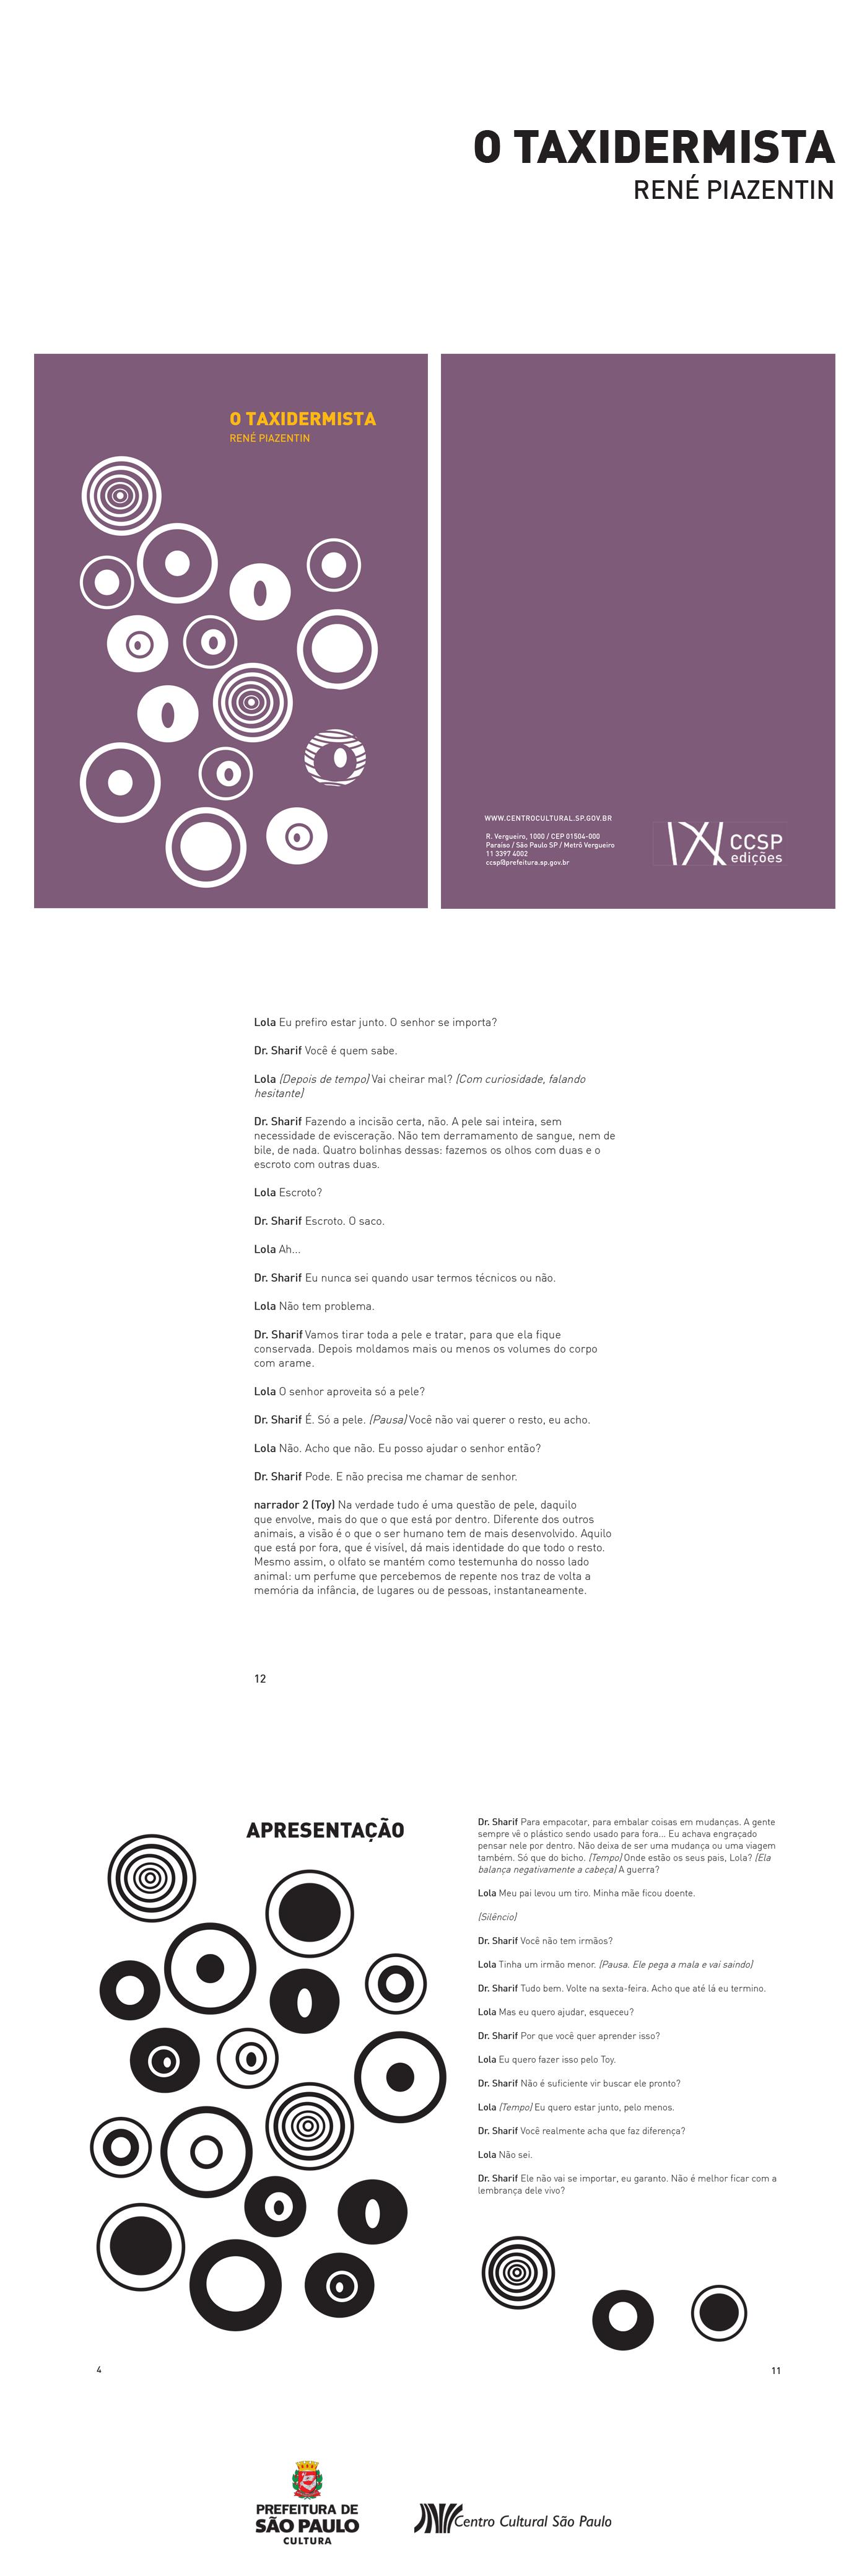 Dramaturgia do espetáculo O taxidermista (de René Piazentin, com montagem dirigida pelo próprio autor), selecionado pelo edital I Mostra de Dramaturgia em pequenos formatos cênicos do CCSP.